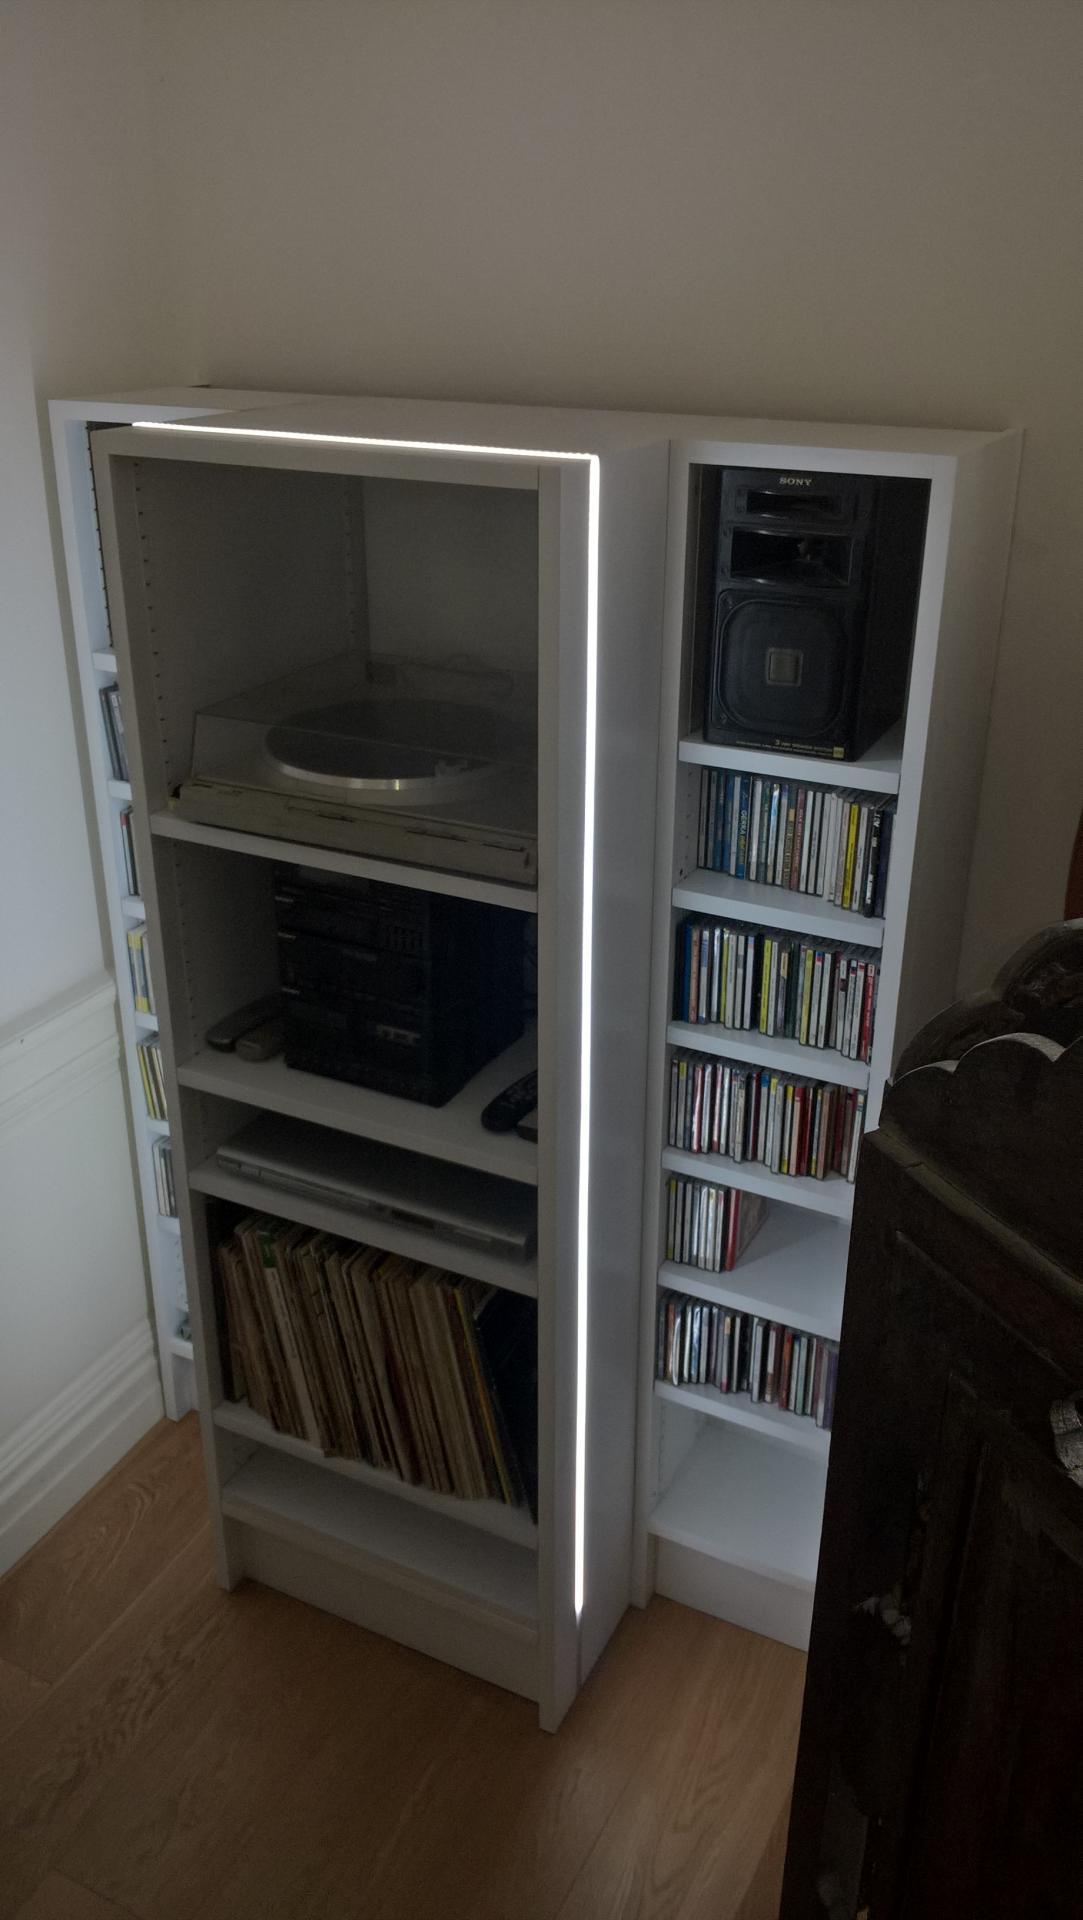 meuble hi fi avec 33 tours - www.ateliercannelle.com